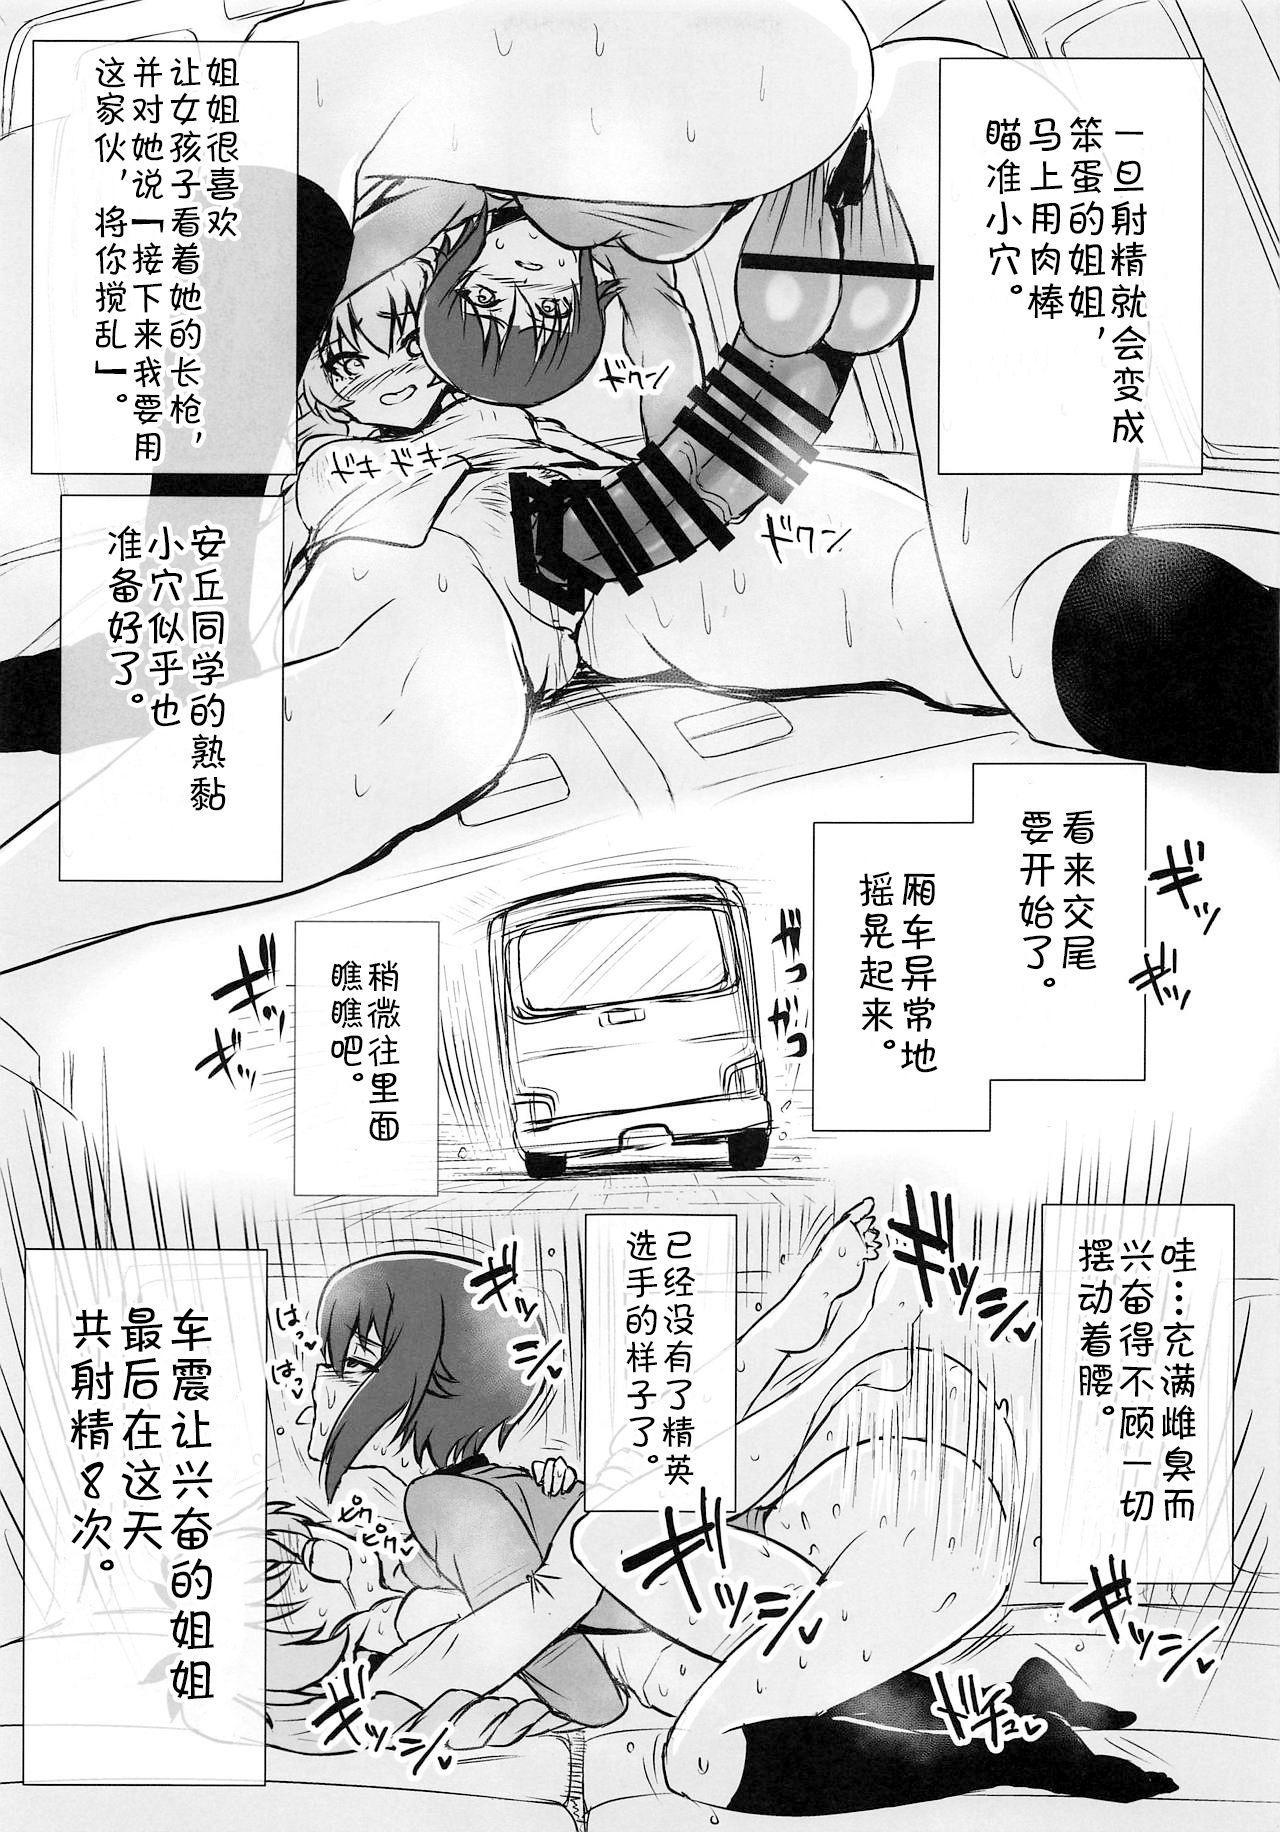 Futa Maho Seiyoku Nikki 8